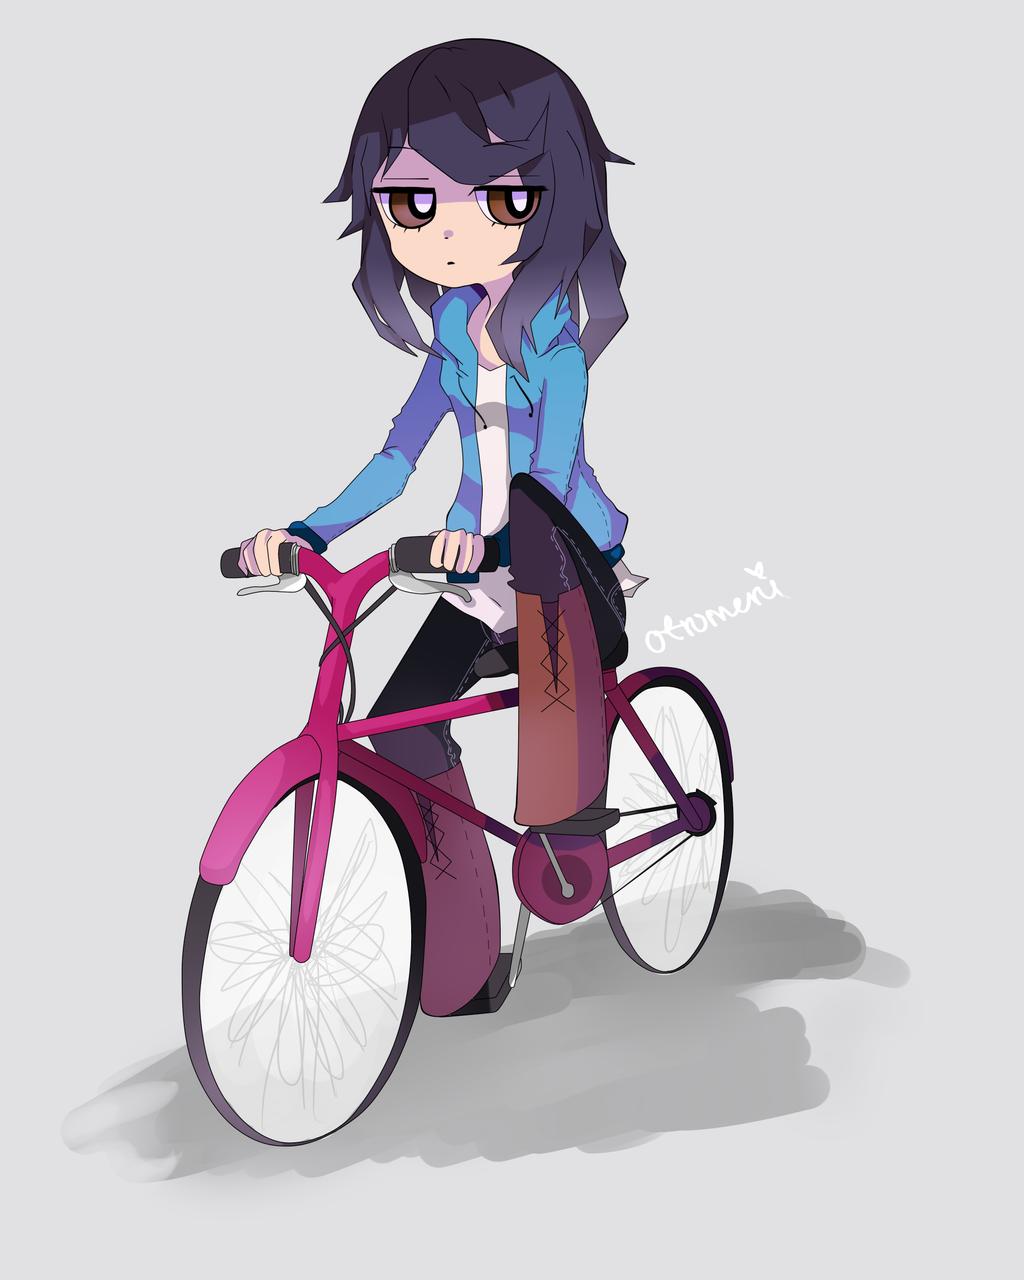 Pink Bicycle by Otromeru